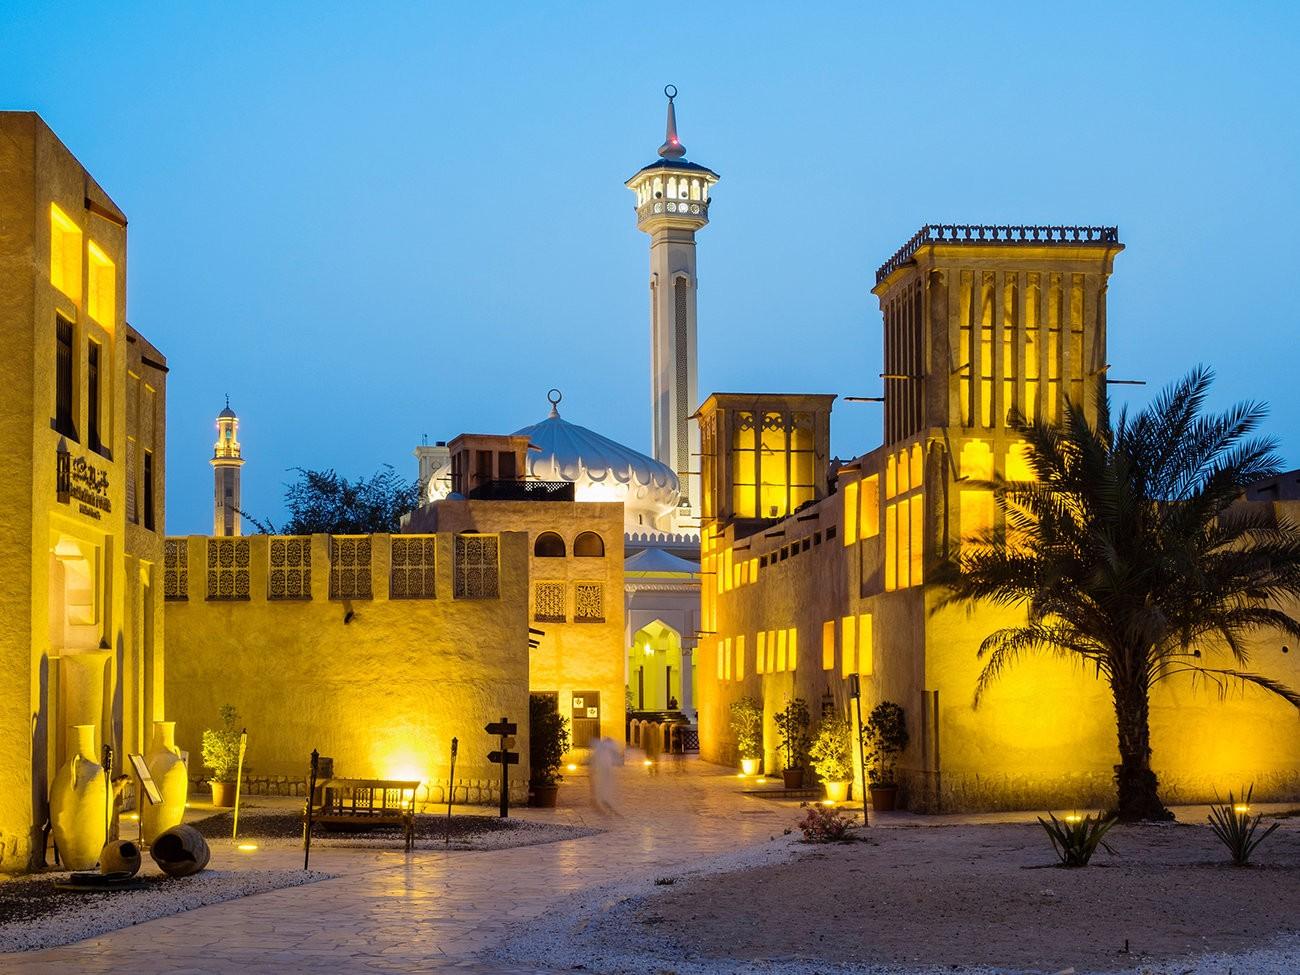 Dubai's Bastakiya Quarter